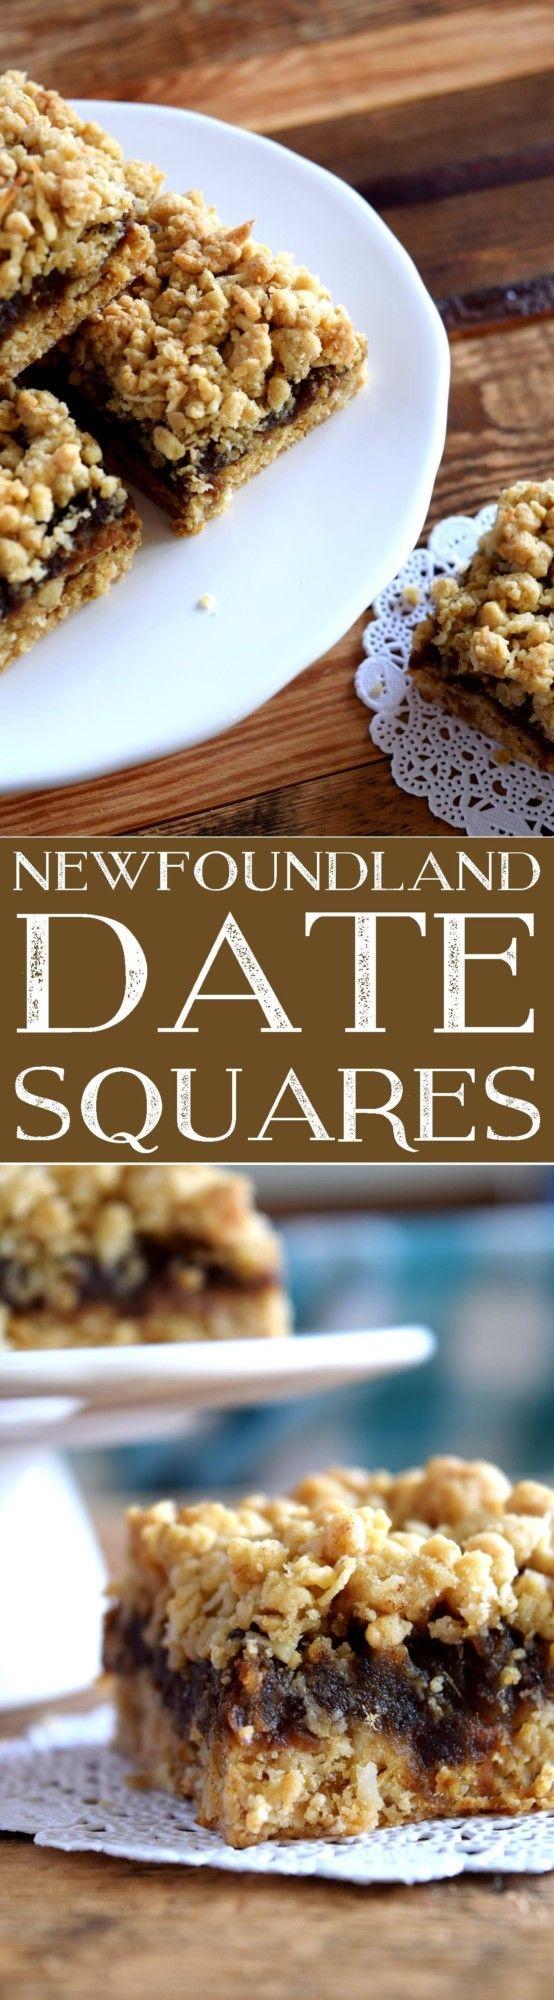 newfoundland-date-squares